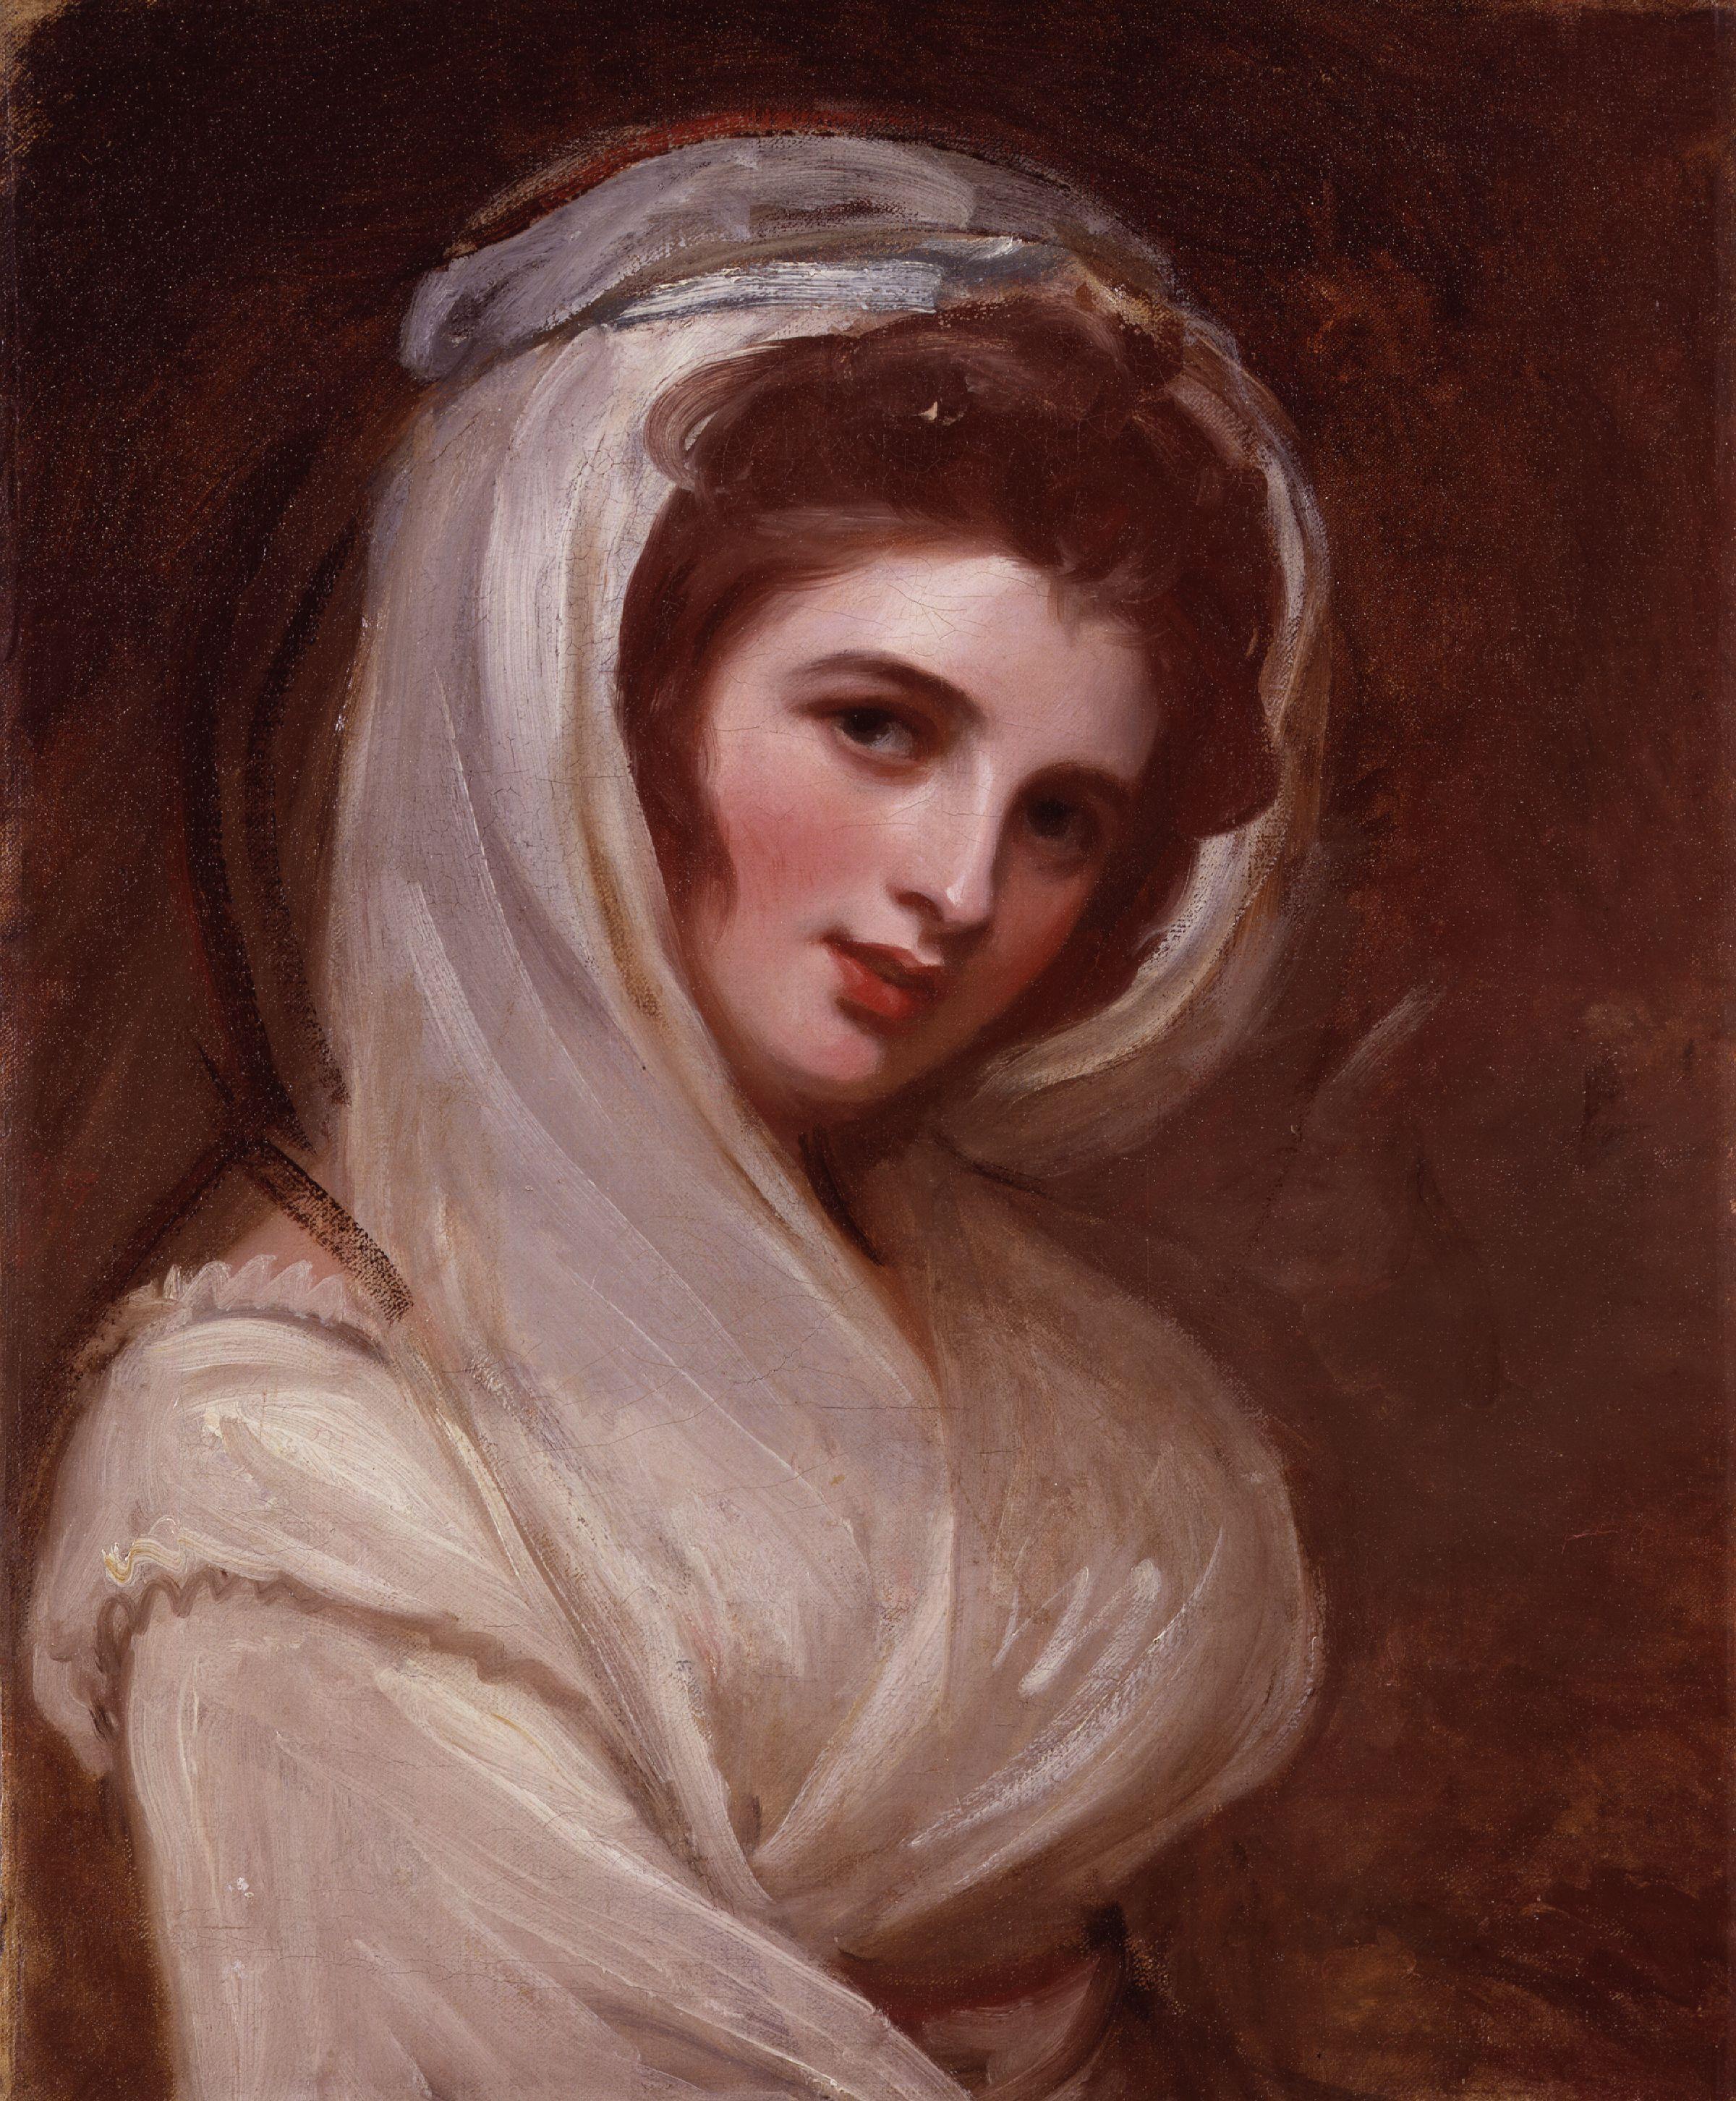 Emma,_Lady_Hamilton_by_George_Romney.jpg